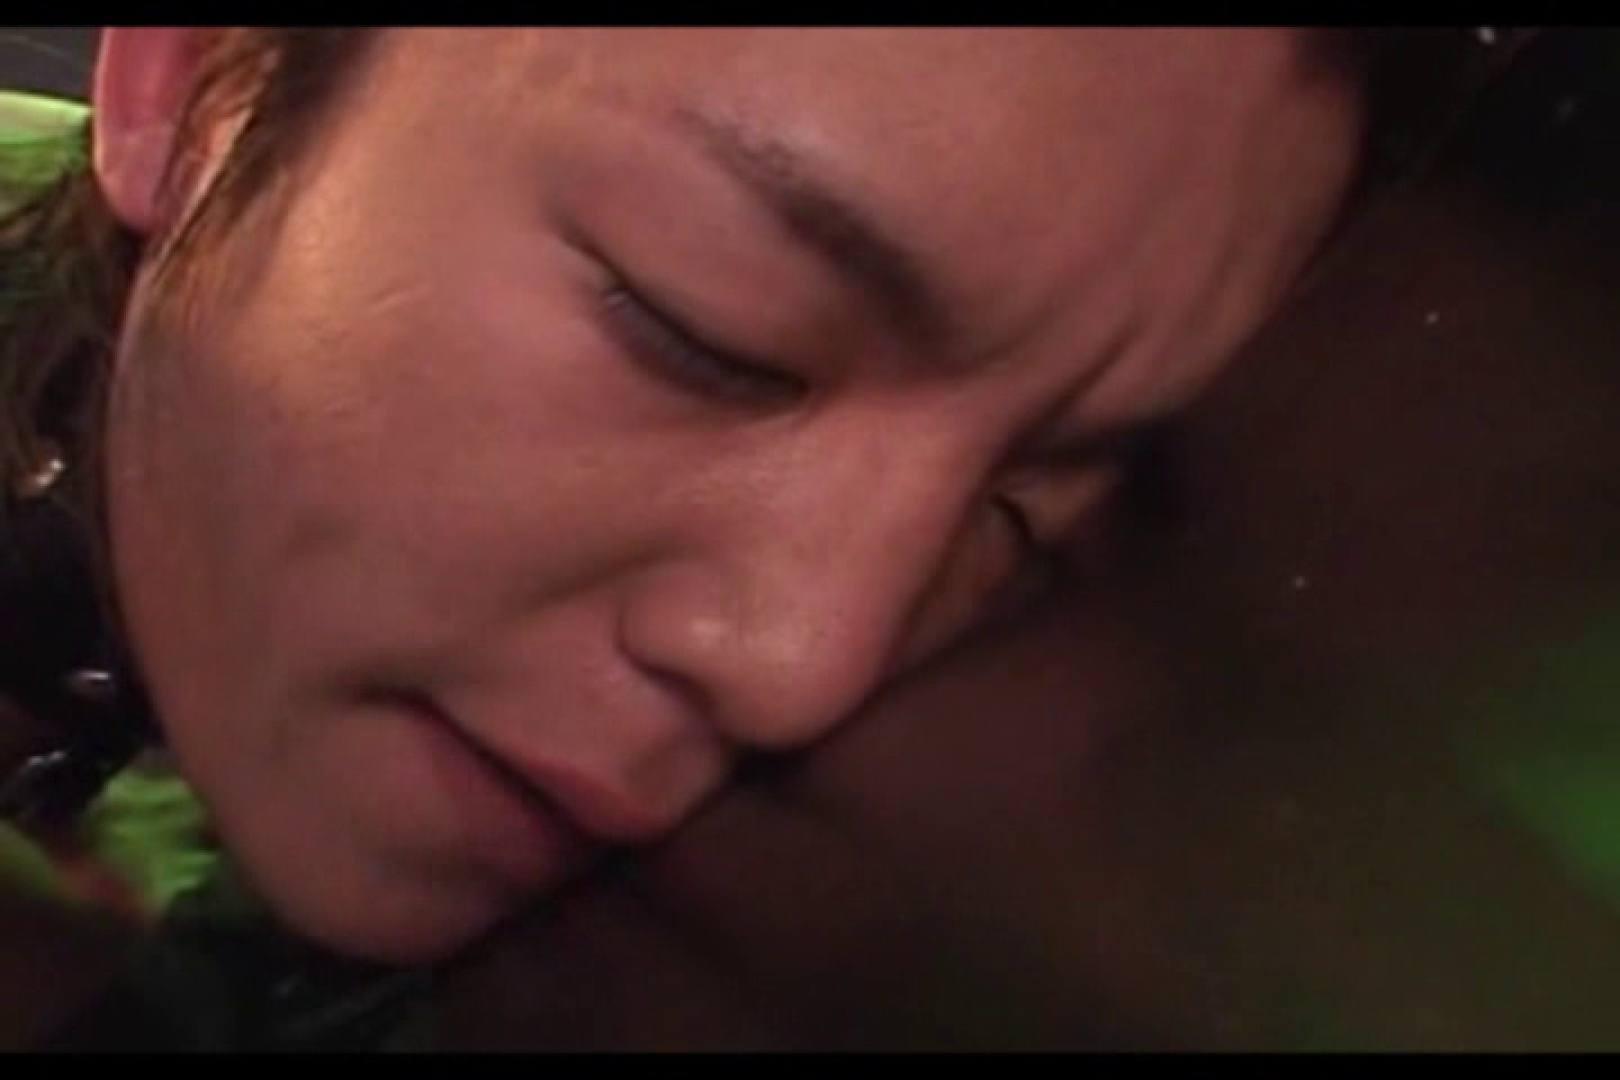 イケメン・・・アグレッシブ危険ファイルNo.05 サル系男子 男同士動画 89枚 41